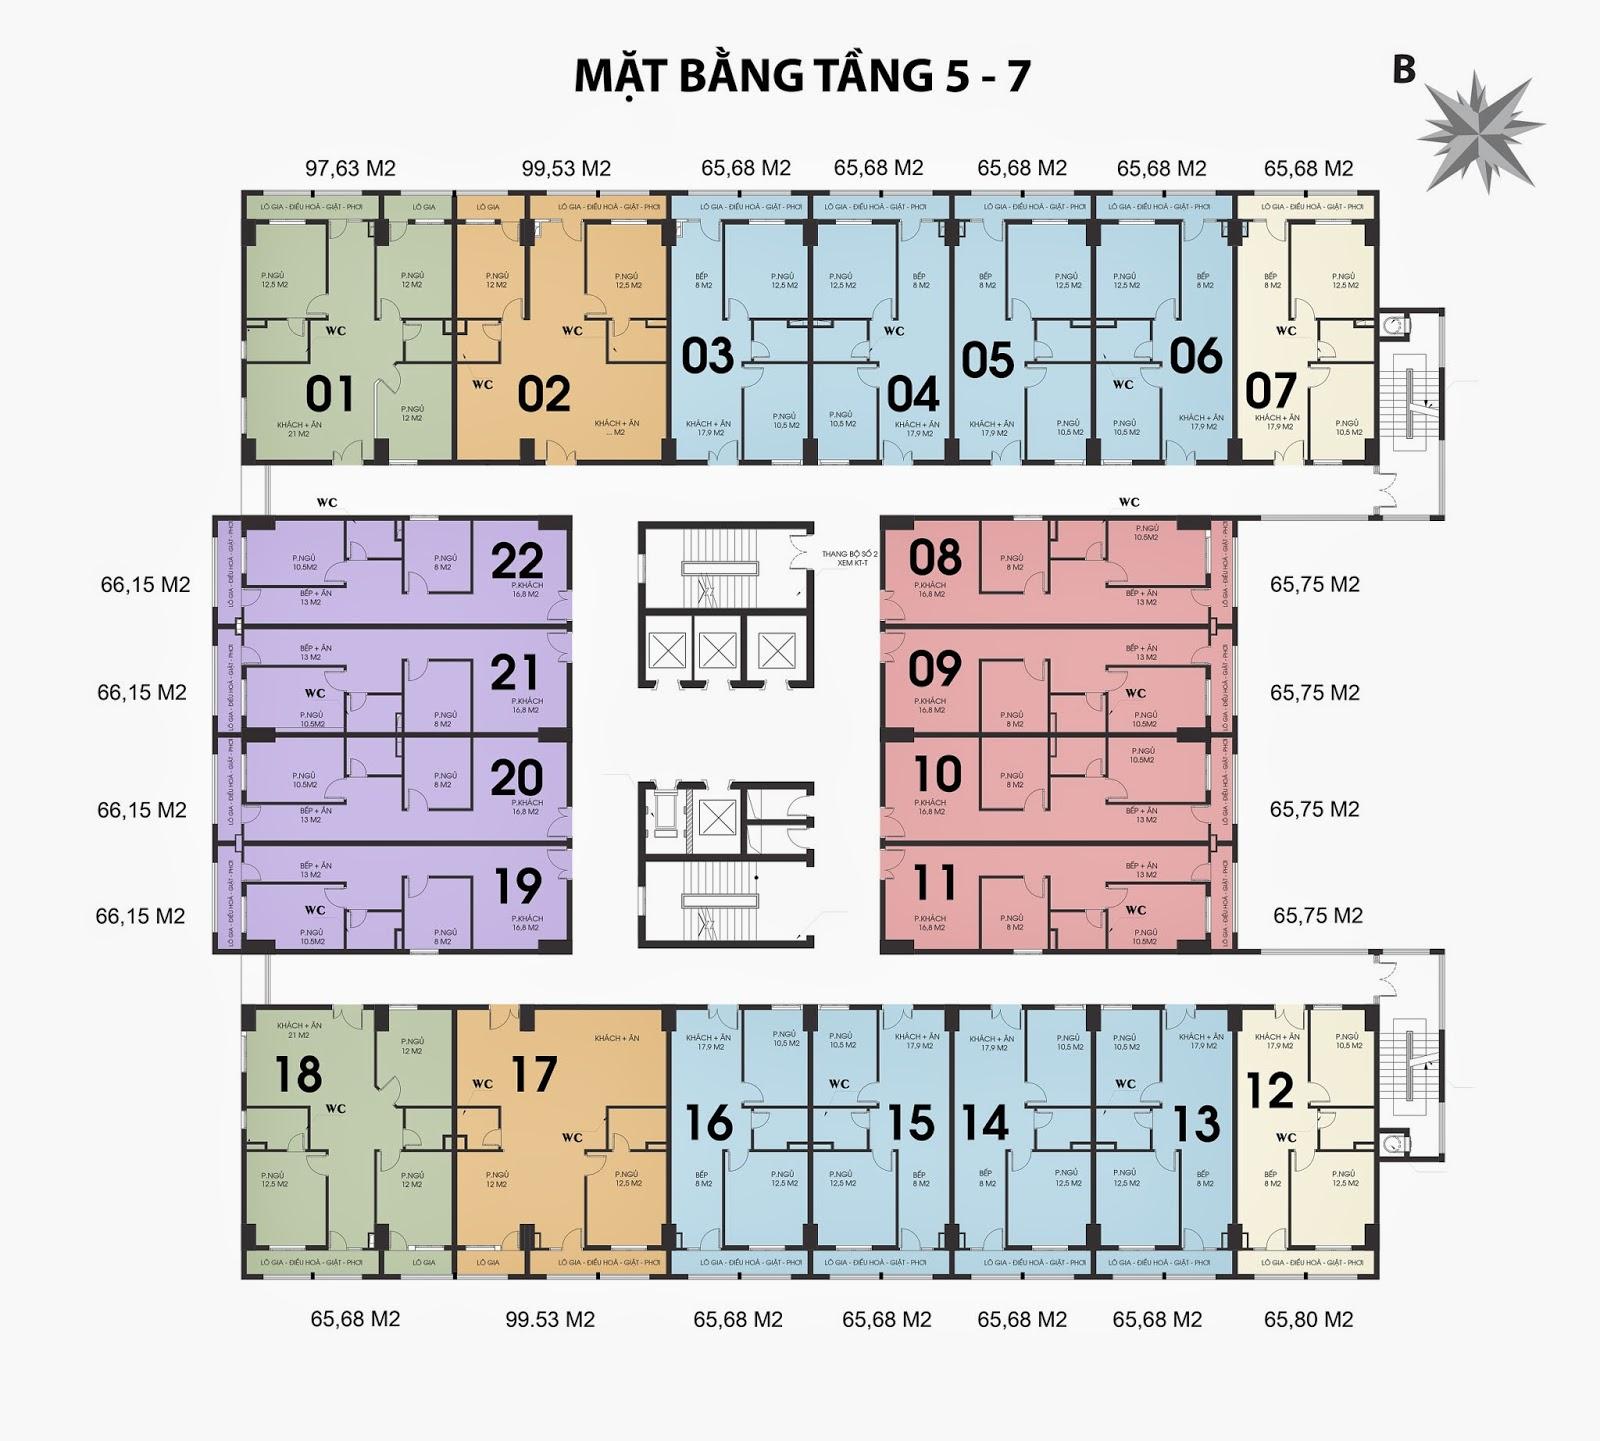 mat-bang-tang-5-7